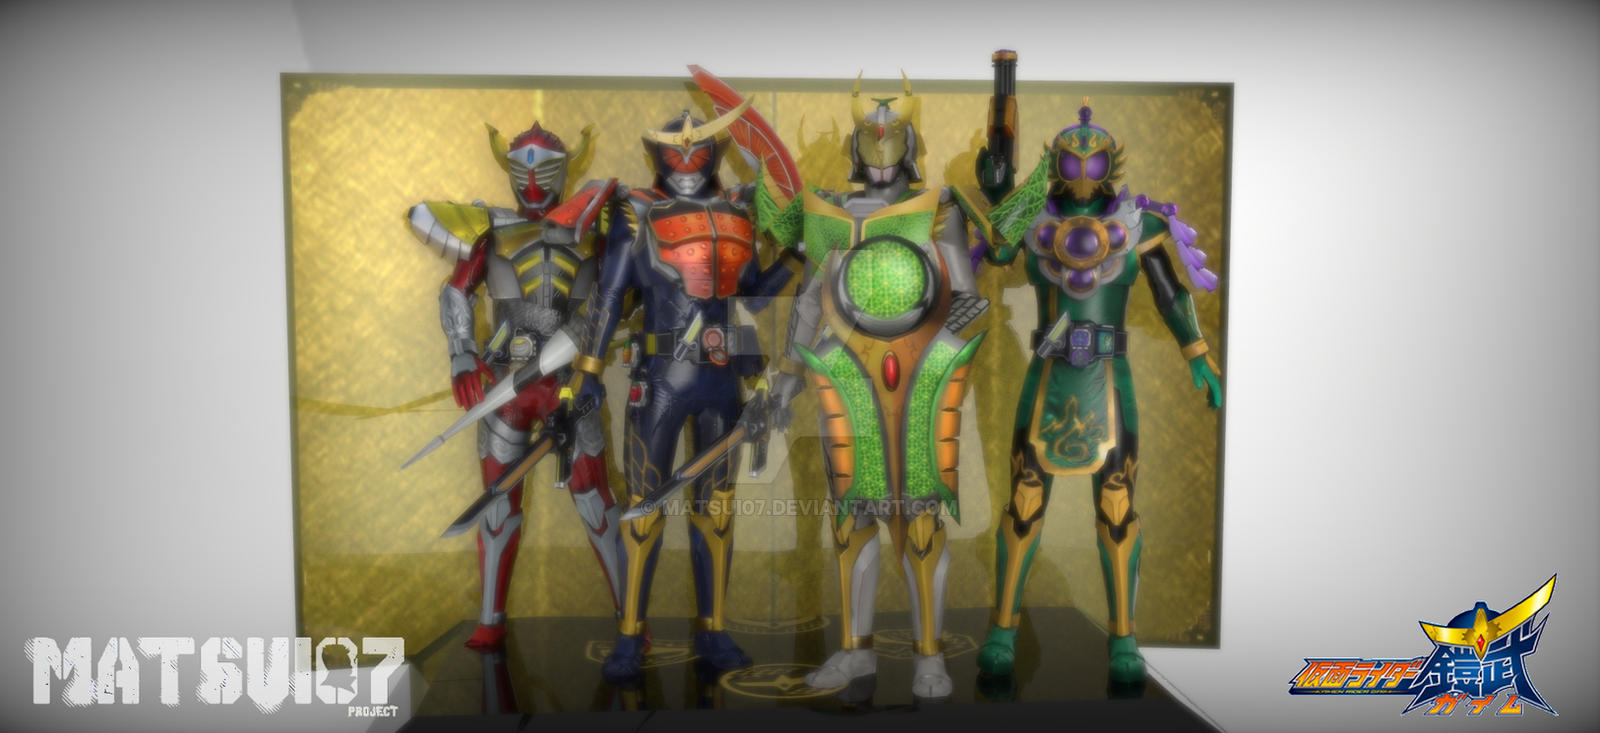 Kamen Rider Ryugen Wallpaper